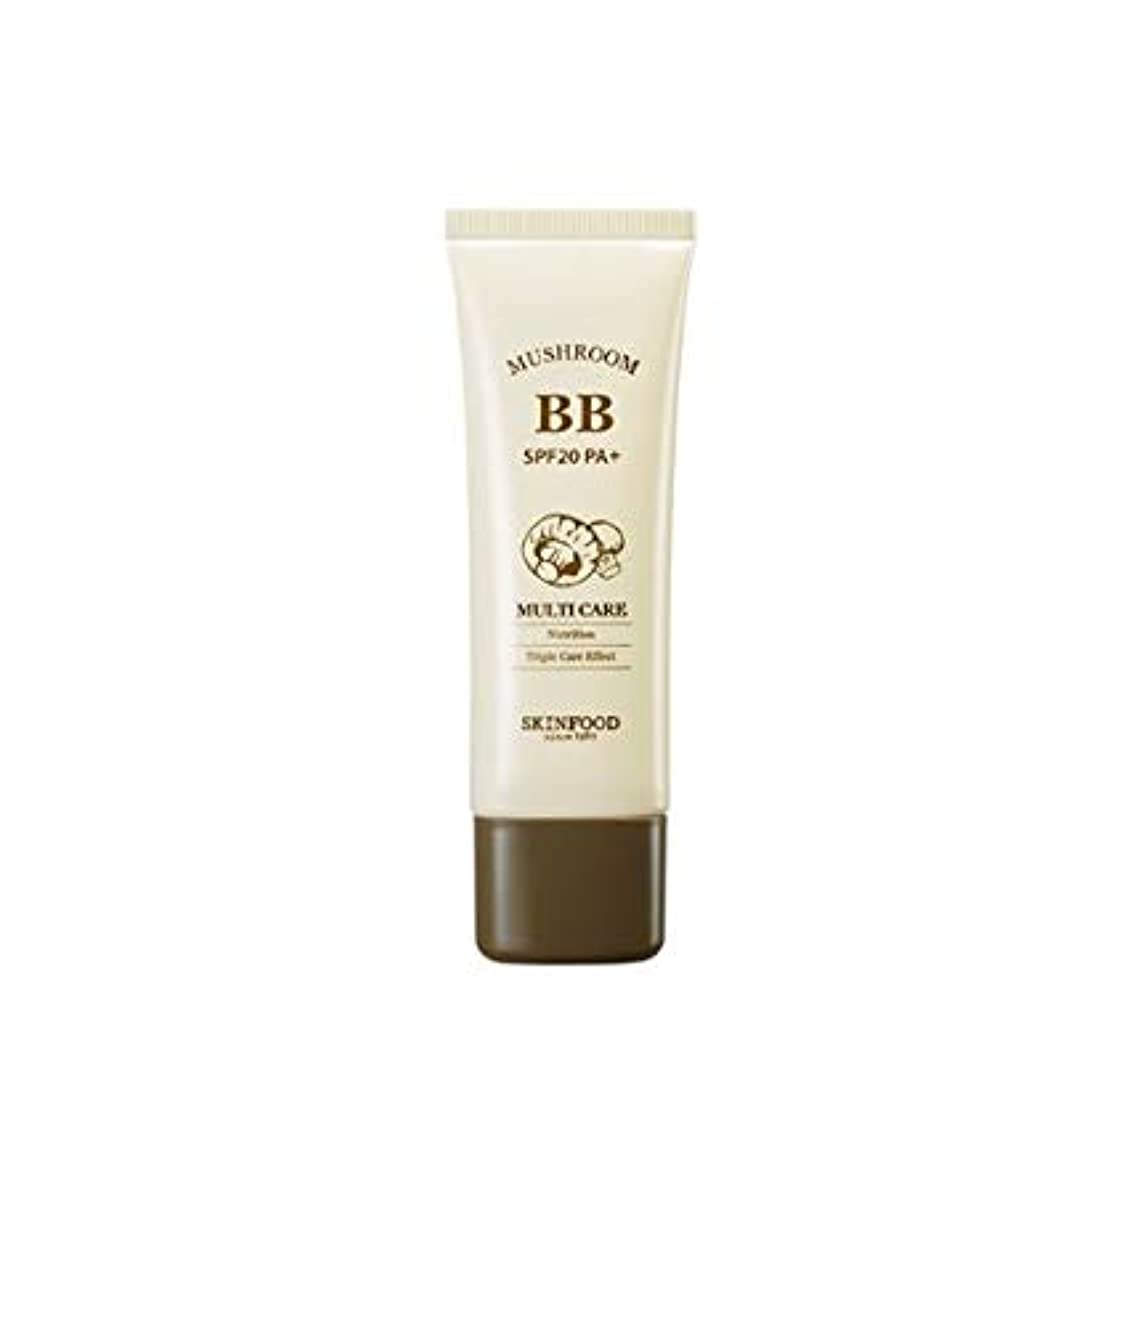 表向き匿名極貧Skinfood マッシュルームマルチケアBBクリームSPF20 PA +#No. 1ブライトスキン / Mushroom Multi Care BB Cream SPF20 PA+# No. 1 Bright Skin...